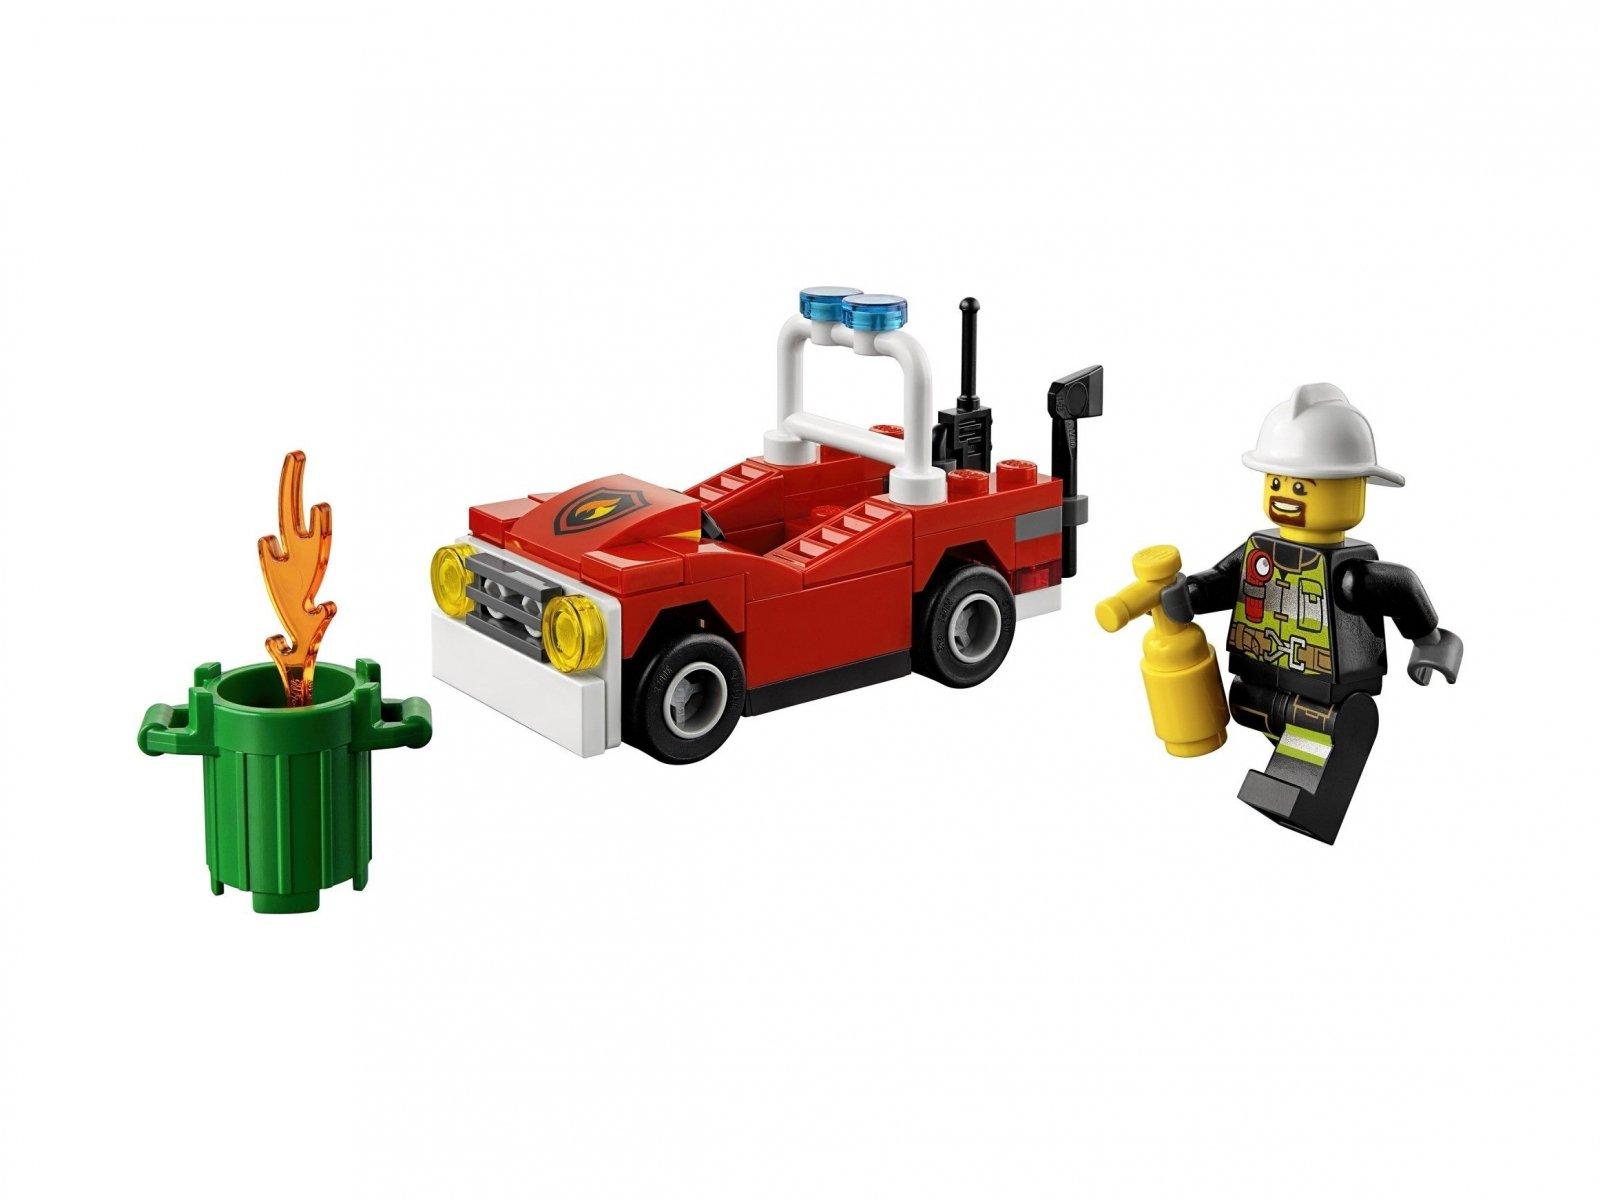 LEGO 30347 Fire Car